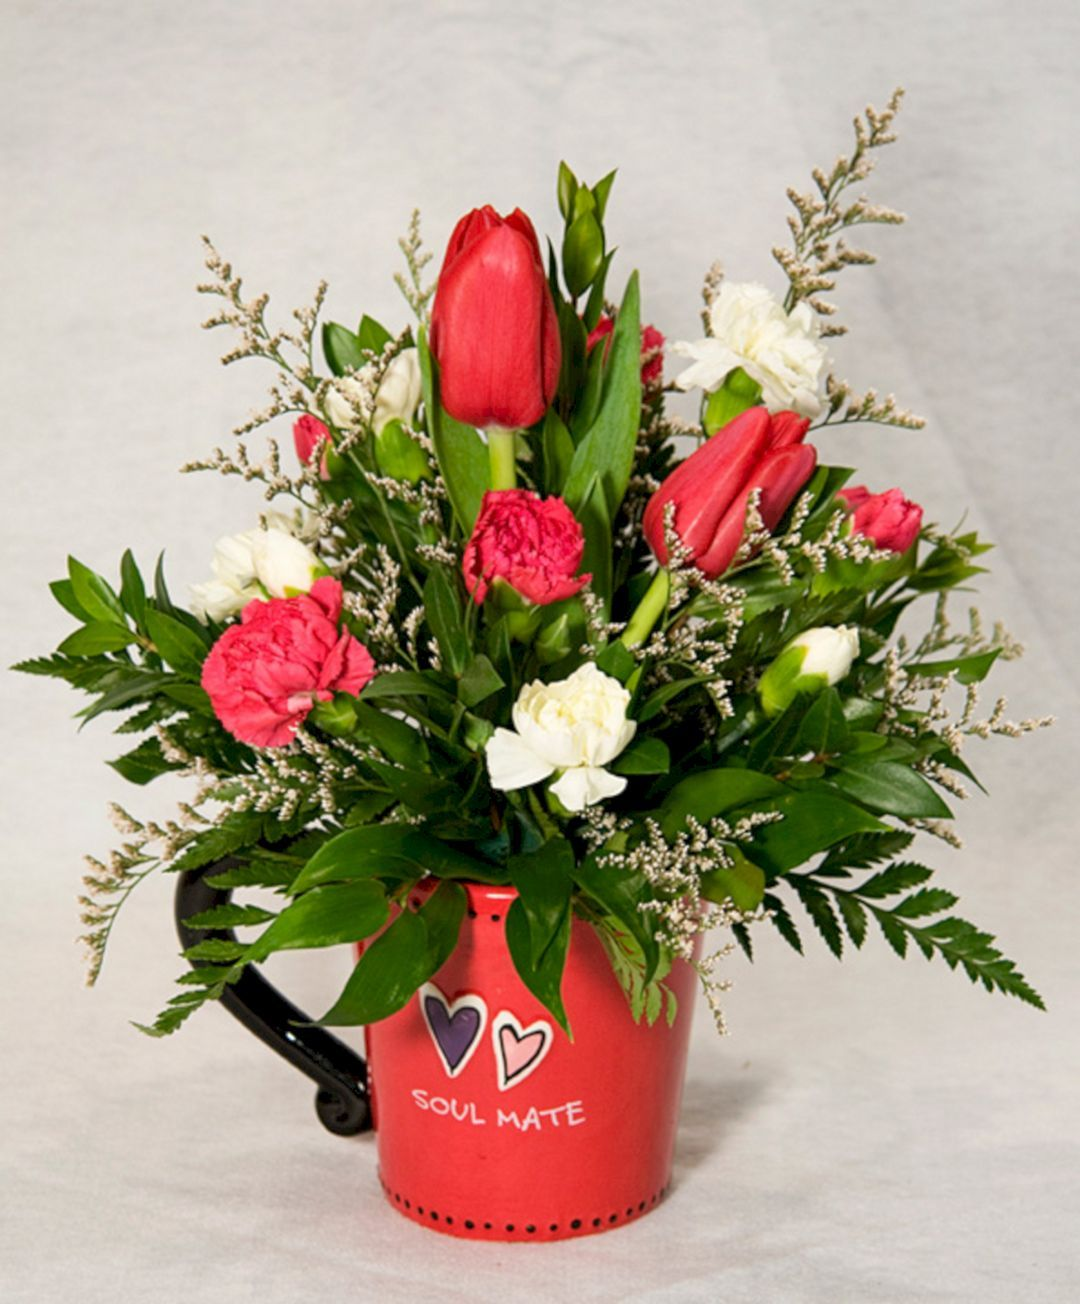 35 beautiful valentine floral arrangements ideas for your beloved phenomenon 35 beautiful valentine floral arrangements ideas for your beloved people httpsdecoor izmirmasajfo